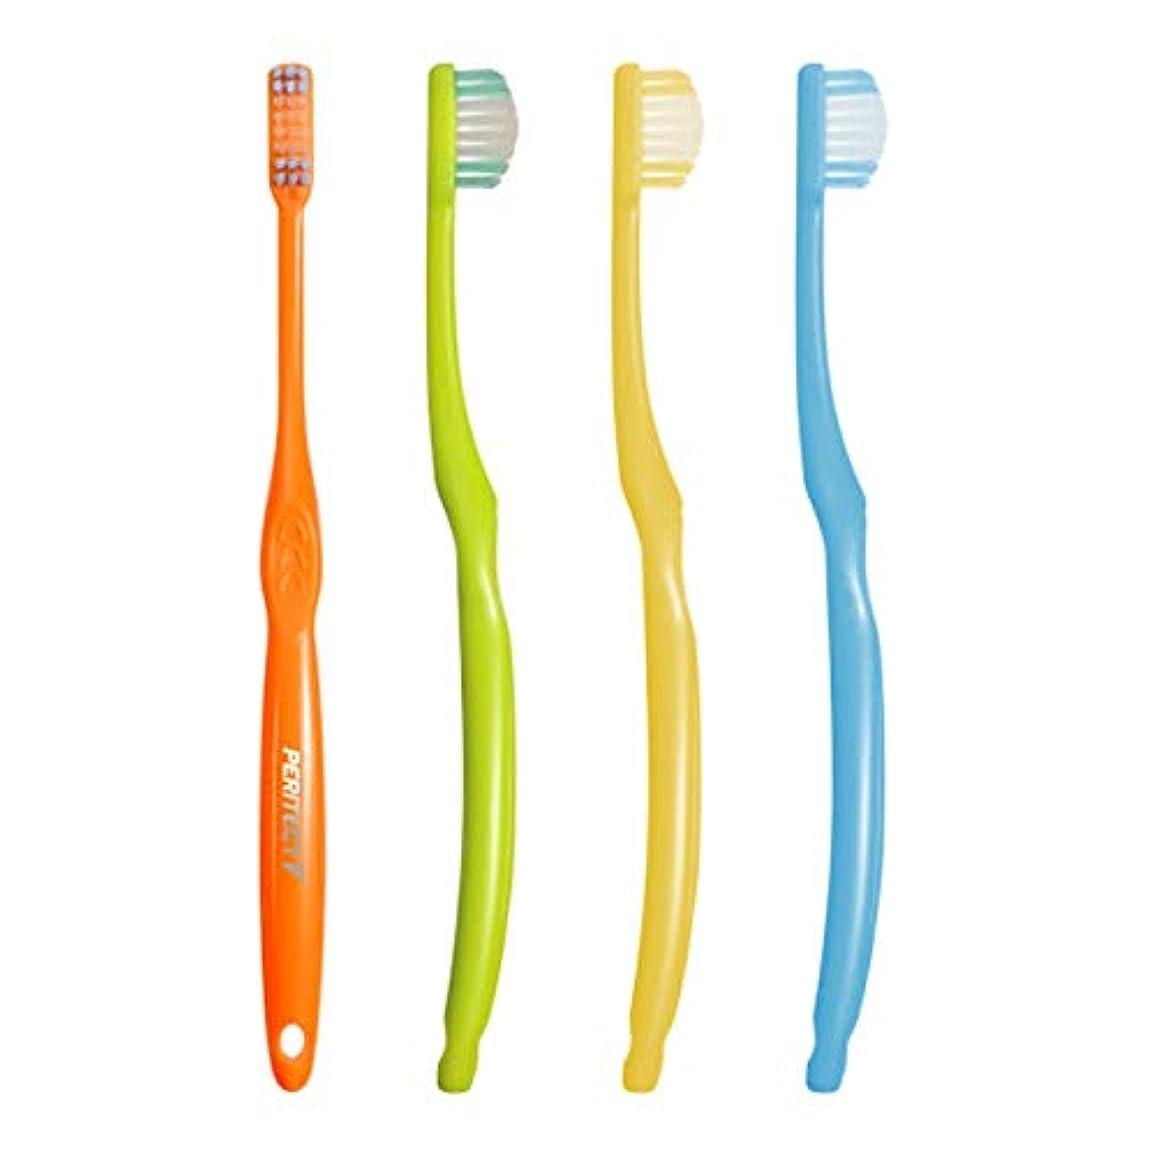 たるみポジション科学ビーブランド PERITECT V ペリテクト ブイ 歯ブラシ (8M ふつう) × 5本 歯科専売品